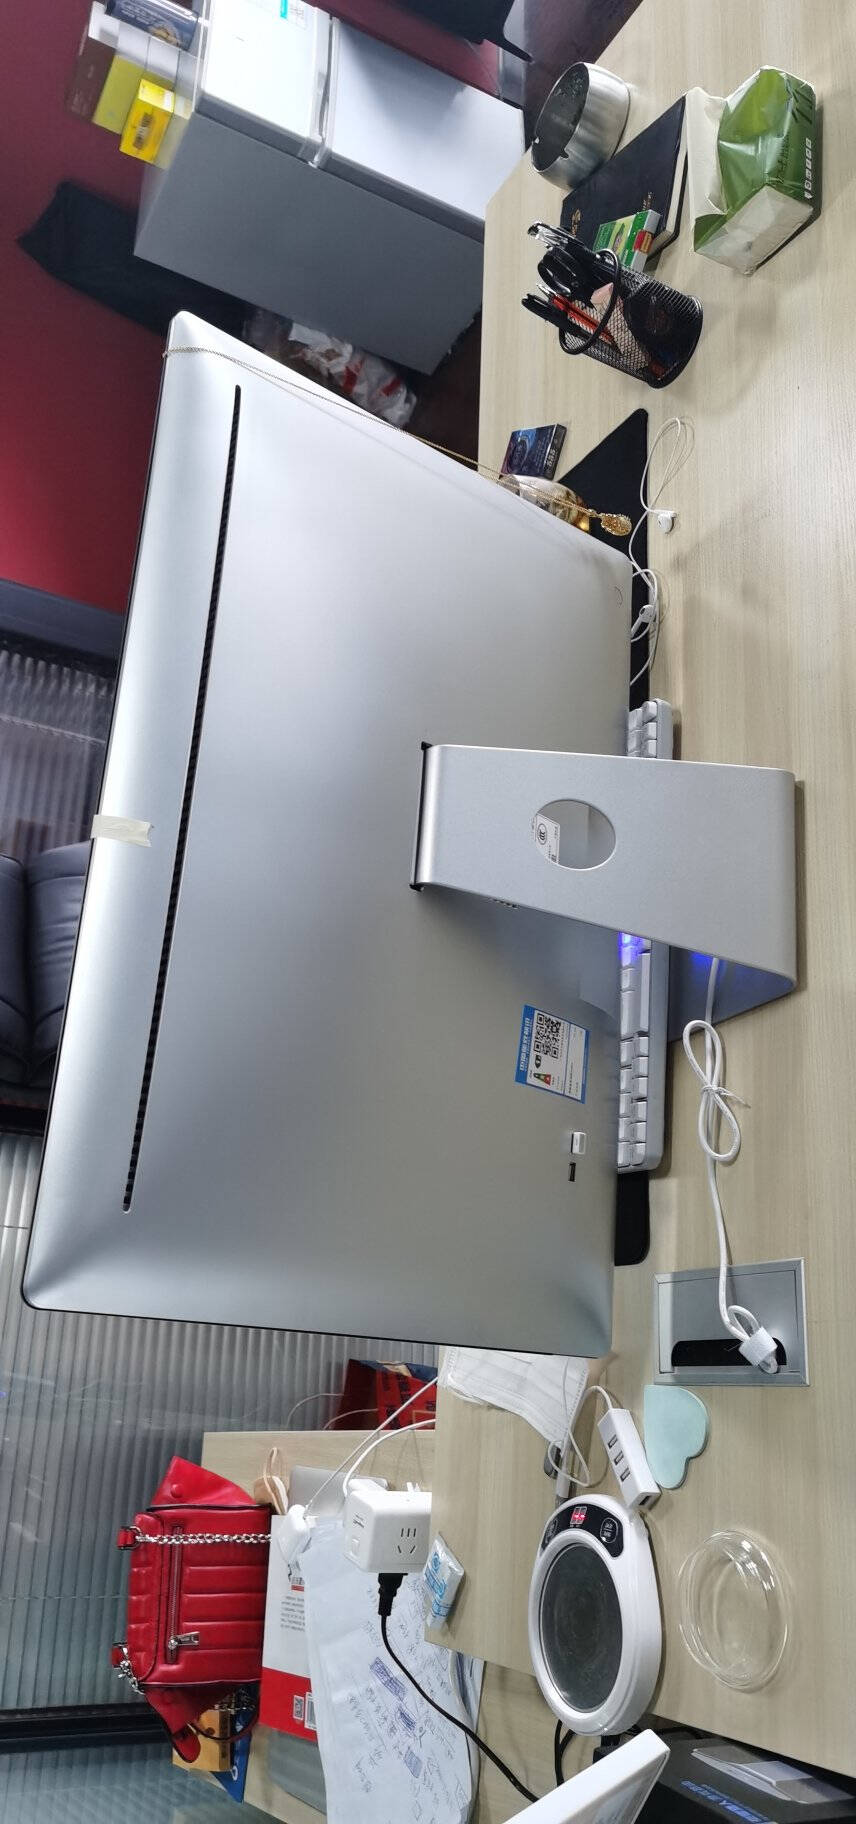 彐星(XUEXING)一体机电脑18.5-27英寸商务办公家用学习主机独显游戏酷睿i3/i5台式整机A1:高速办公酷睿i3/4G/免费升128G18.5英寸